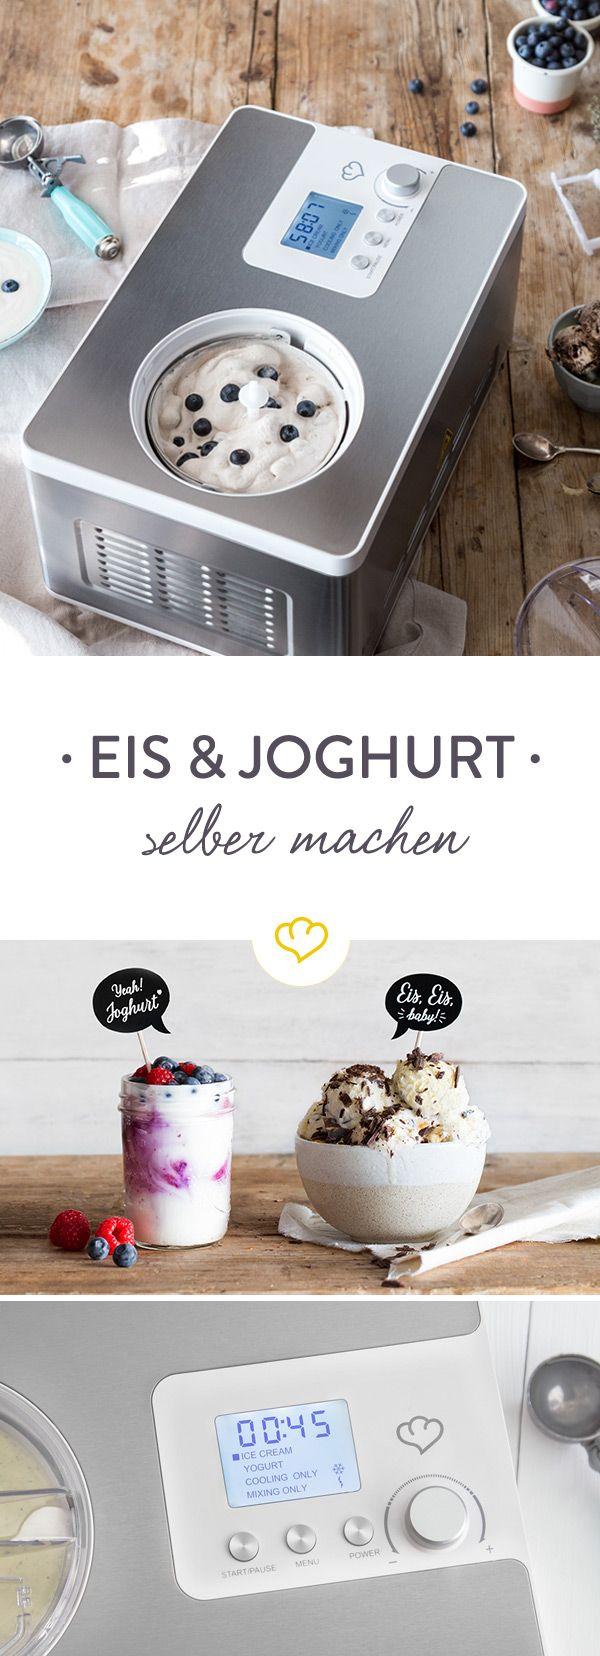 Schoko oder Vanille? Mit frischen Früchten oder Nüssen? Mit 2-in-1 Eismaschine und Joghurtbereiter Elisa von Springlane Kitchen schleckst du nicht nur dein selbstgemachtes Lieblingseis aus der Waffel, sondern bereitest dir auch frischen Joghurt für dein Frühstücksmüsli zu.